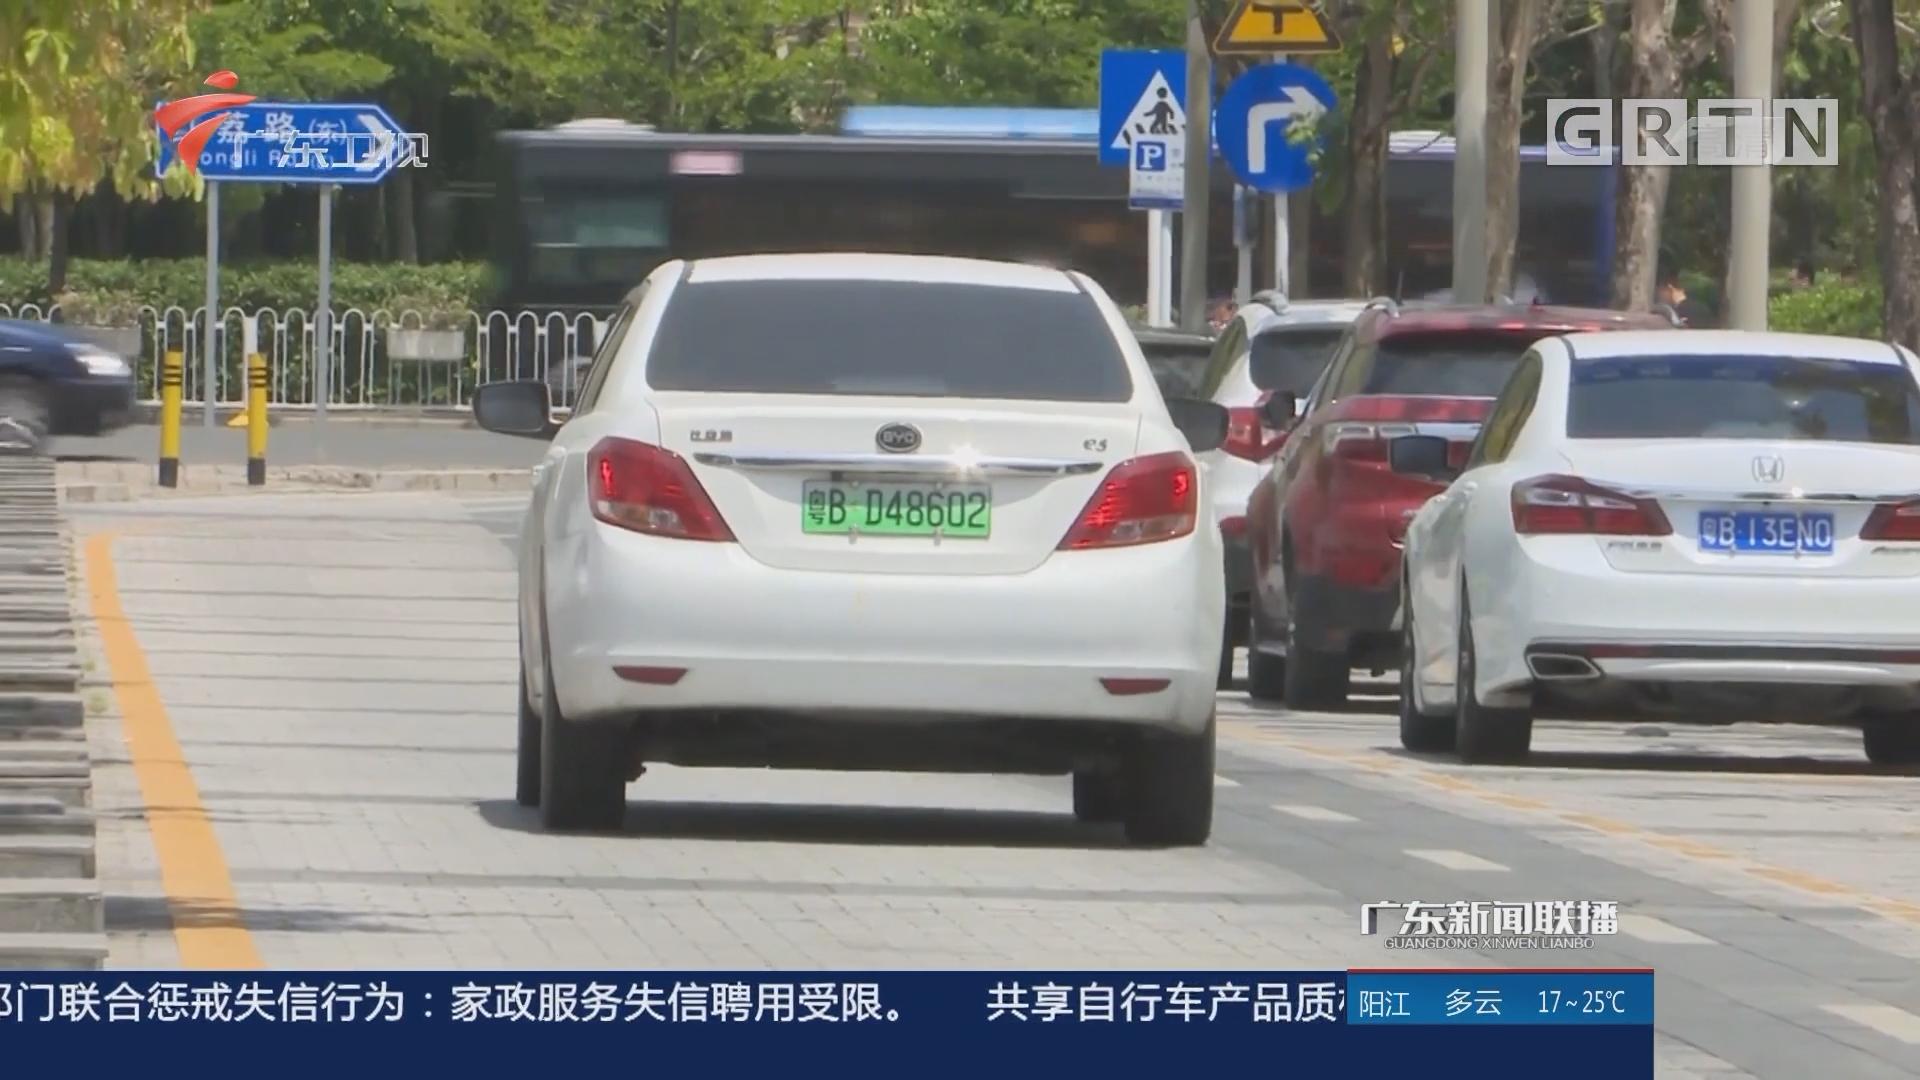 深圳:拟新能源汽车路边临时停放 首次首小时免费